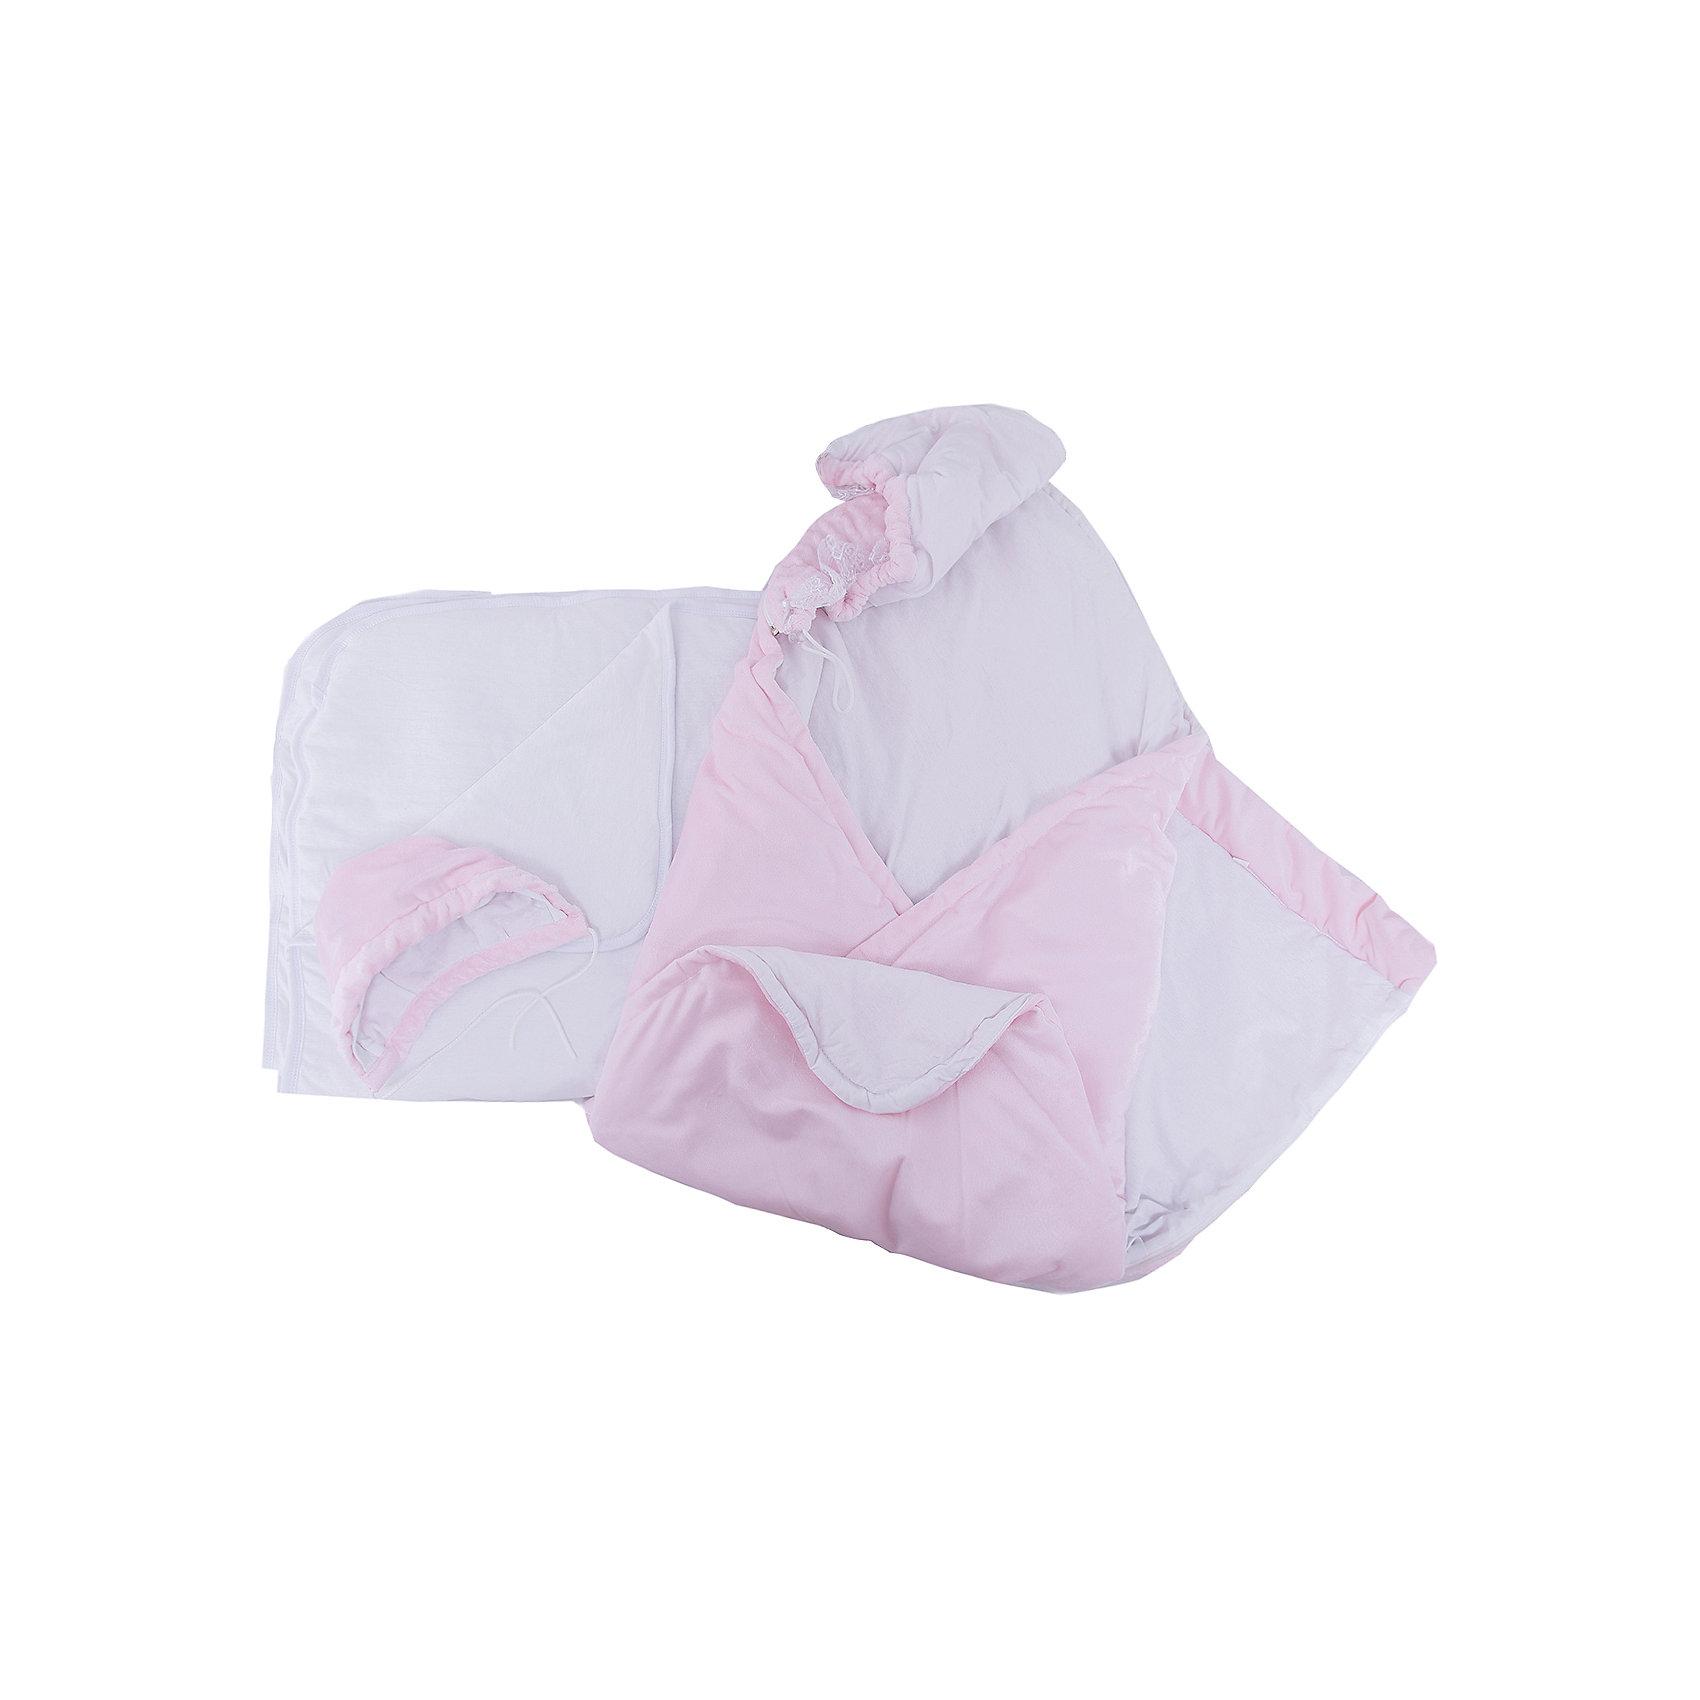 Комплект на выписку 6 пред., GulSara, 152 весна-осеньОдеяло трансформер розовыйКонверты на выписку<br>Характеристики:<br><br>• Вид детского текстиля: комплект на выписку<br>• Предназначение: на выписку, для прогулки<br>• Сезон: весна, осень<br>• Утеплитель: средняя степень<br>• Температурный режим: от -10? С до +20? С<br>• Пол: для девочки<br>• Тематика рисунка: без рисунка<br>• Материал: вельбоа, кулирка<br>• Цвет: розовый, белый<br>• Комплектация:<br> одеяло-трансформер – 1 шт. р-р 100*100 см<br> шапочка на синтепоне – 1 шт. р-р 56-36<br> одеяло на синтепоне – 1 шт. р-р 90*90 см<br> ползунки – 1 шт. р-р 56-36<br> распашонка – 1 шт. р-р 56-36<br> чепчик – 1 шт. р-р 56-36<br>• Декоративные элементы: кружево, жабо <br>• Особенности ухода: машинная стирка при температуре 30 градусов без использования отбеливающих и красящих веществ<br><br>Комплект на выписку 6 пред., GulSara, 152 весна-осень Одеяло трансформер розовый от отечественного швейного производства, который выпускает современный текстиль и товары для новорожденных, изготовленных на основе вековых традиций. В своем производстве GulSara использует только экологичные и натуральные материалы, что обеспечивает их безопасность даже для малышей с чувствительной кожей. Набор предназначен для выписки в осенне-весенний период и состоит из одеяла и шапочки, выполненных из вельбоа (мягкая ткань с нежным ворсом). <br><br>В качестве утеплителя использован синтепон – легкий, но при этом гипоаллергенный материал. Дополнительно в наборе предусмотрено синтепоновое одеяло. Комплект нижней одежды состоит из ползунков, распашонки и чепчика, изготовленных из кулирки. Одеяло-трансформер декорировано рюшами из кружева и кружевного жабо. Комплект на выписку 6 пред., GulSara, 152 весна-осень Одеяло трансформер розовый создаст изысканный и неповторимый образ вашего малыша!<br><br>Комплект на выписку 6 пред., GulSara, 152 весна-осень Одеяло трансформер розовый можно купить в нашем интернет-магазине.<br><br>Ширина мм: 750<br>Глубина мм: 